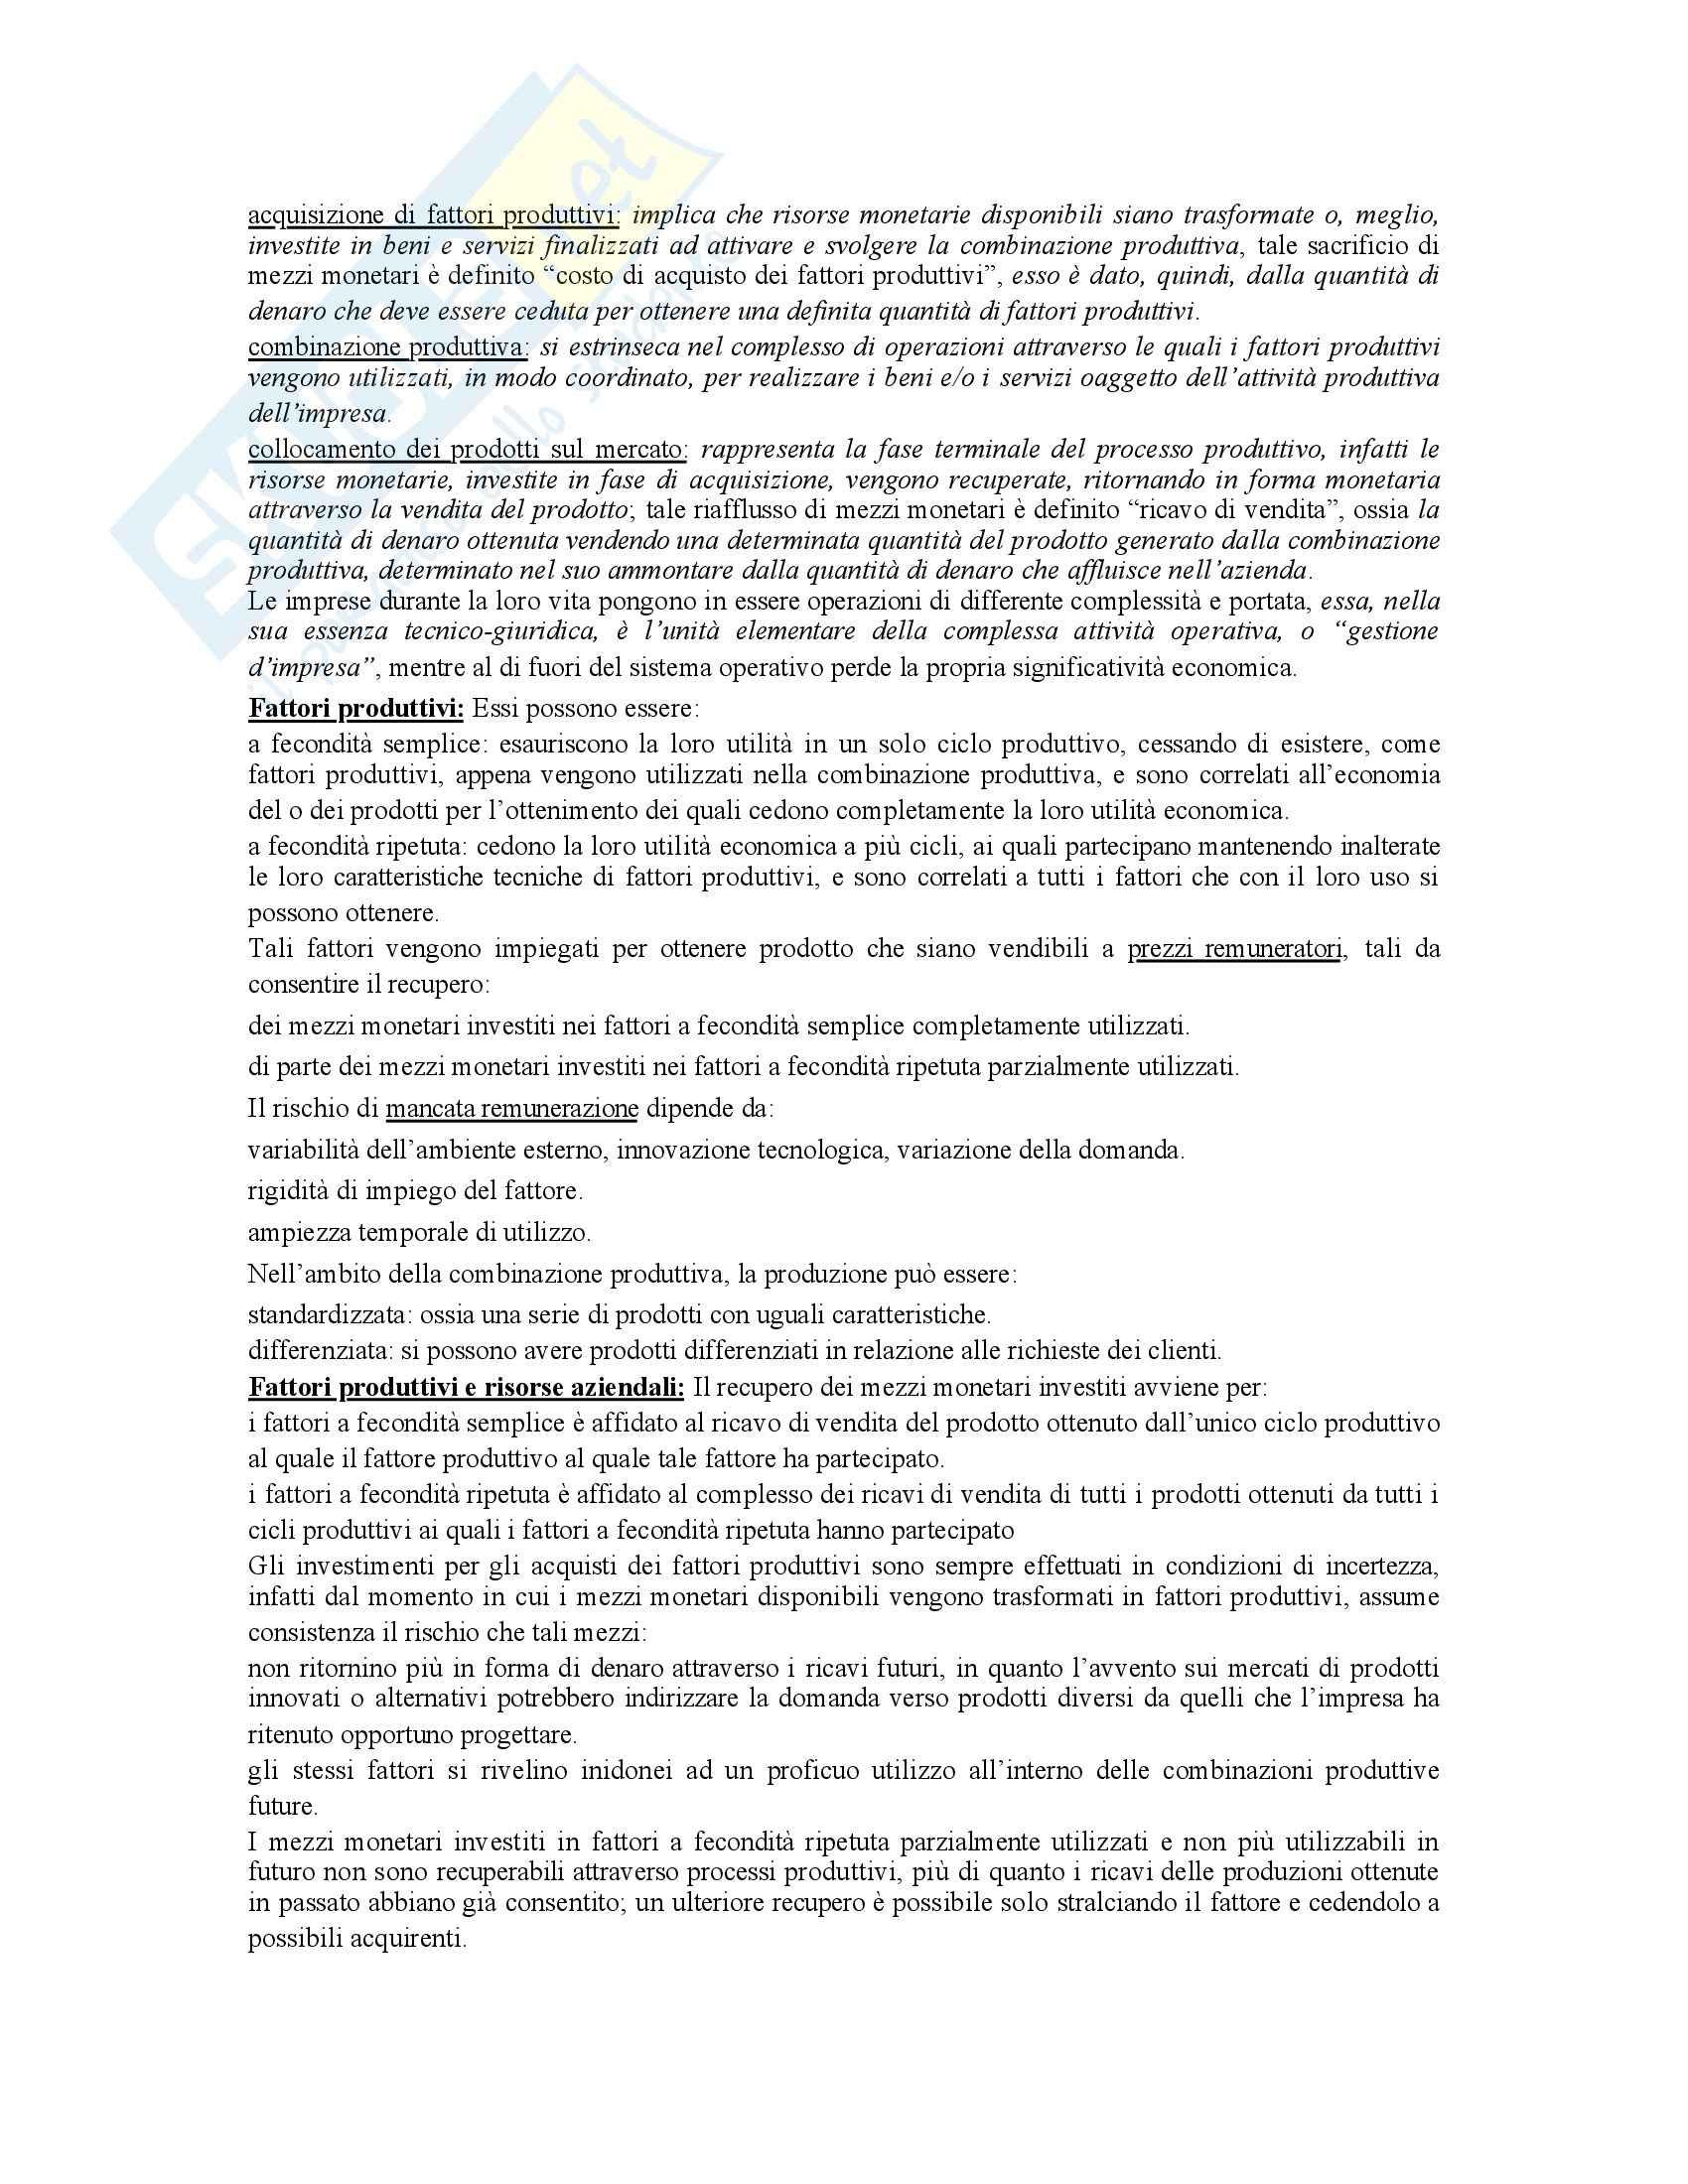 Economia aziendale - Dispensa Pag. 6